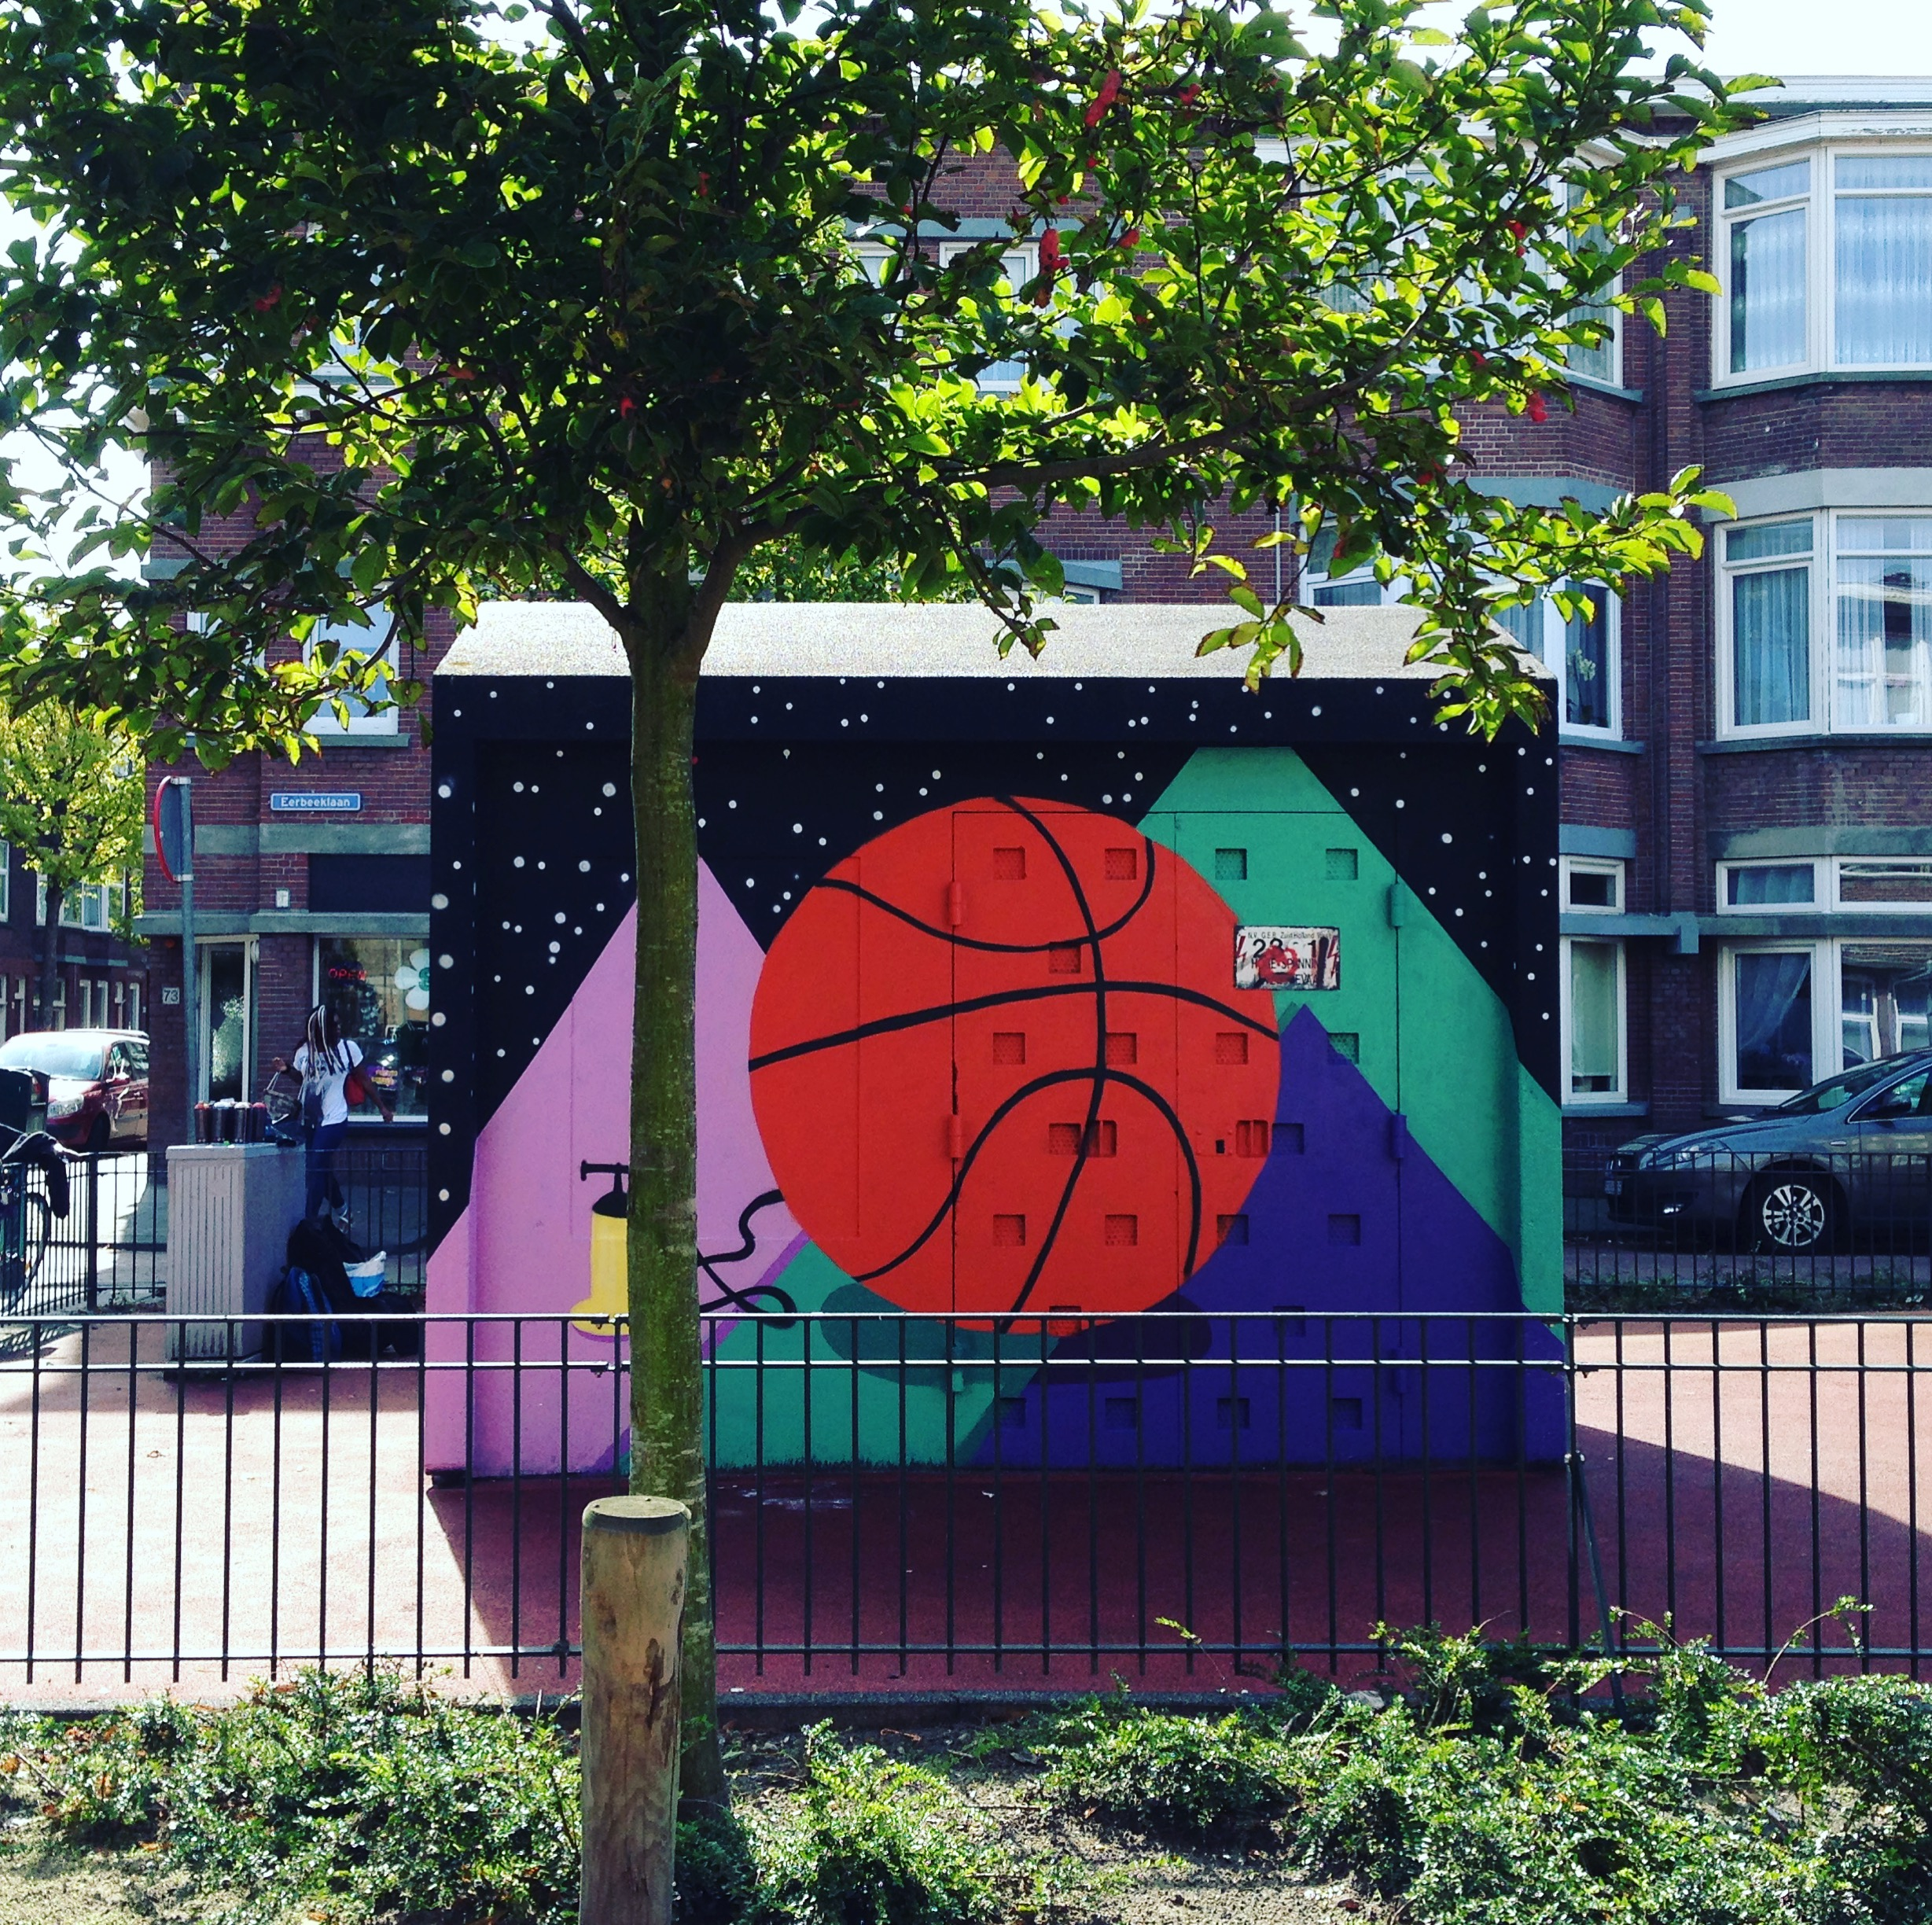 Space Ball |The Hague Street Art - Eerbeeklaan, Den HaagSummer 2017